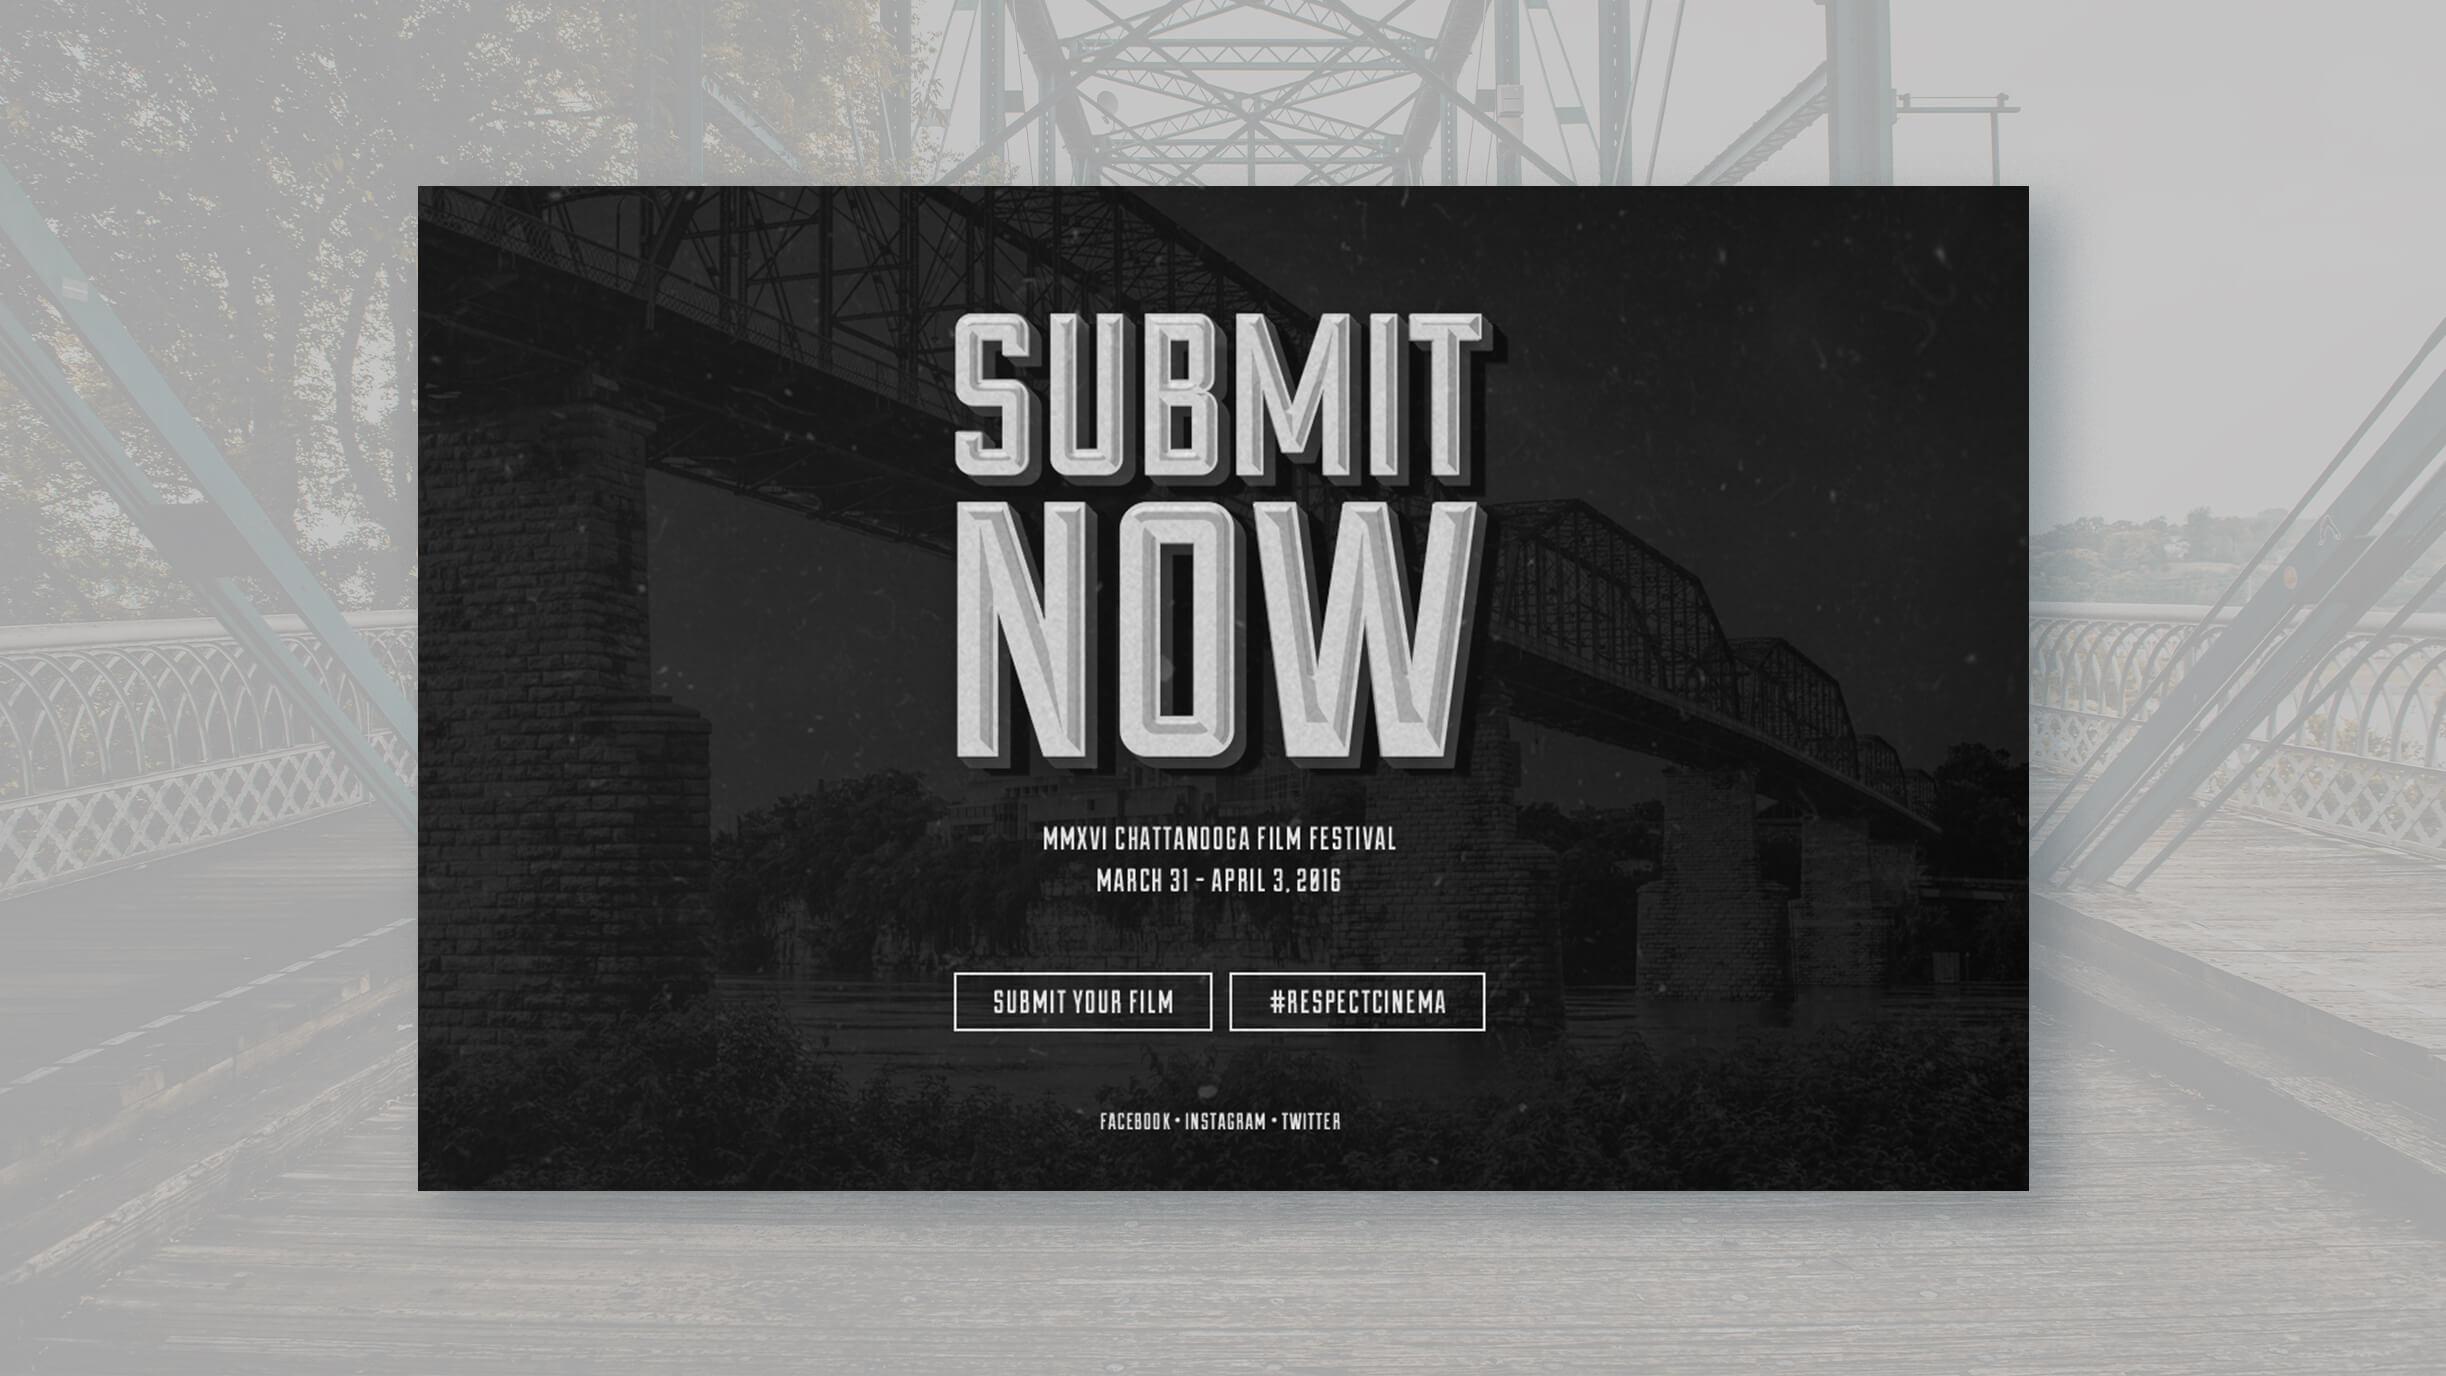 chattanooga-film-festival-website-desktop.jpg